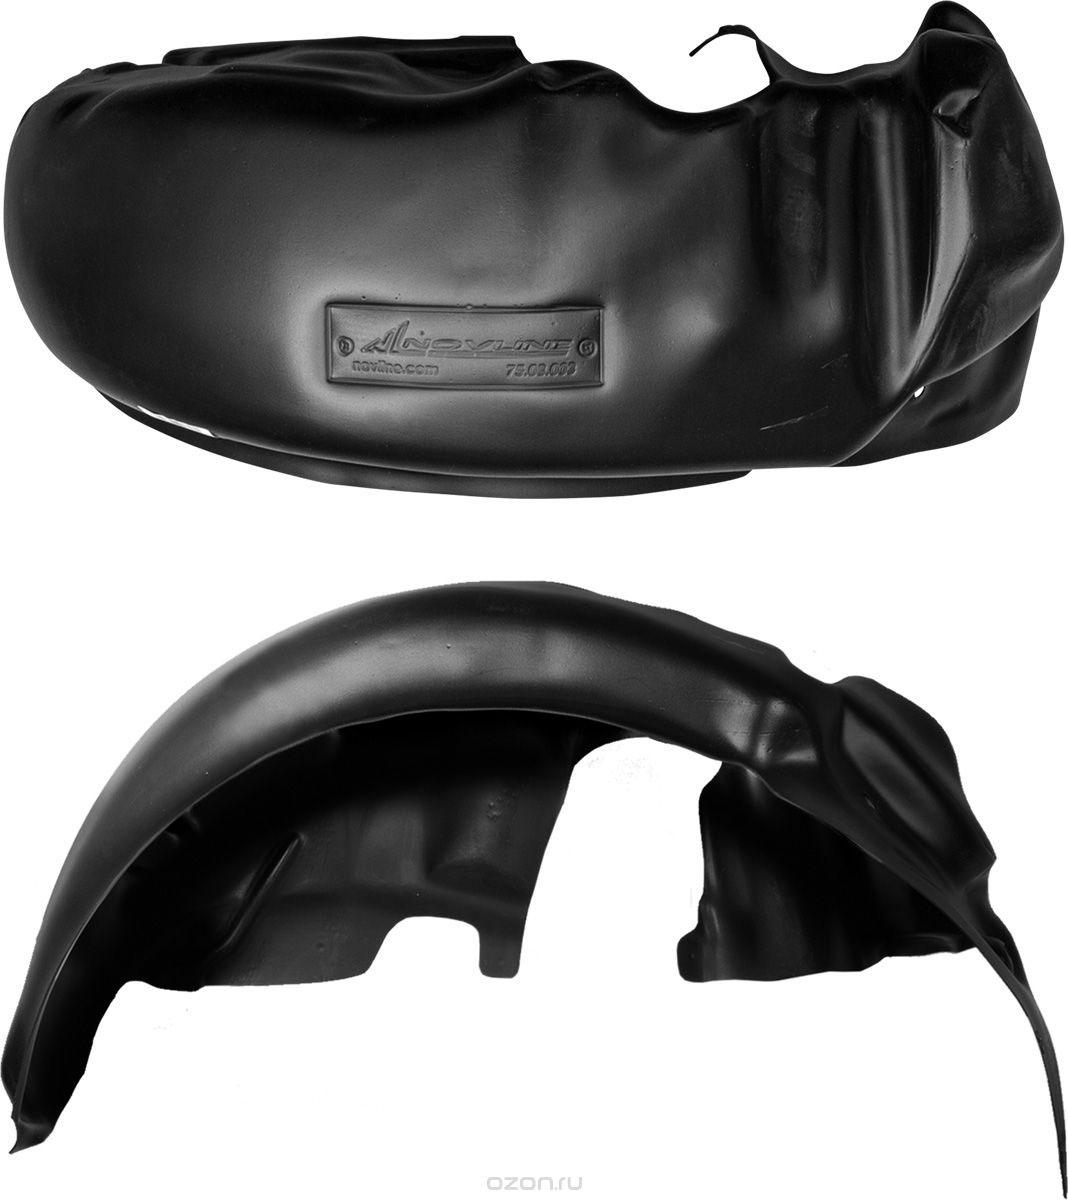 Подкрылок Novline-Autofamily, для RAVON Gentra, 2013->, седан, передний левый000414Идеальная защита колесной ниши. Локеры разработаны с применением цифровых технологий, гарантируют максимальную повторяемость поверхности арки. Изделия устанавливаются без нарушения лакокрасочного покрытия автомобиля, каждый подкрылок комплектуется крепежом. Уважаемые клиенты, обращаем ваше внимание, что фотографии на подкрылки универсальные и не отражают реальную форму изделия. При этом само изделие идет точно под размер указанного автомобиля.